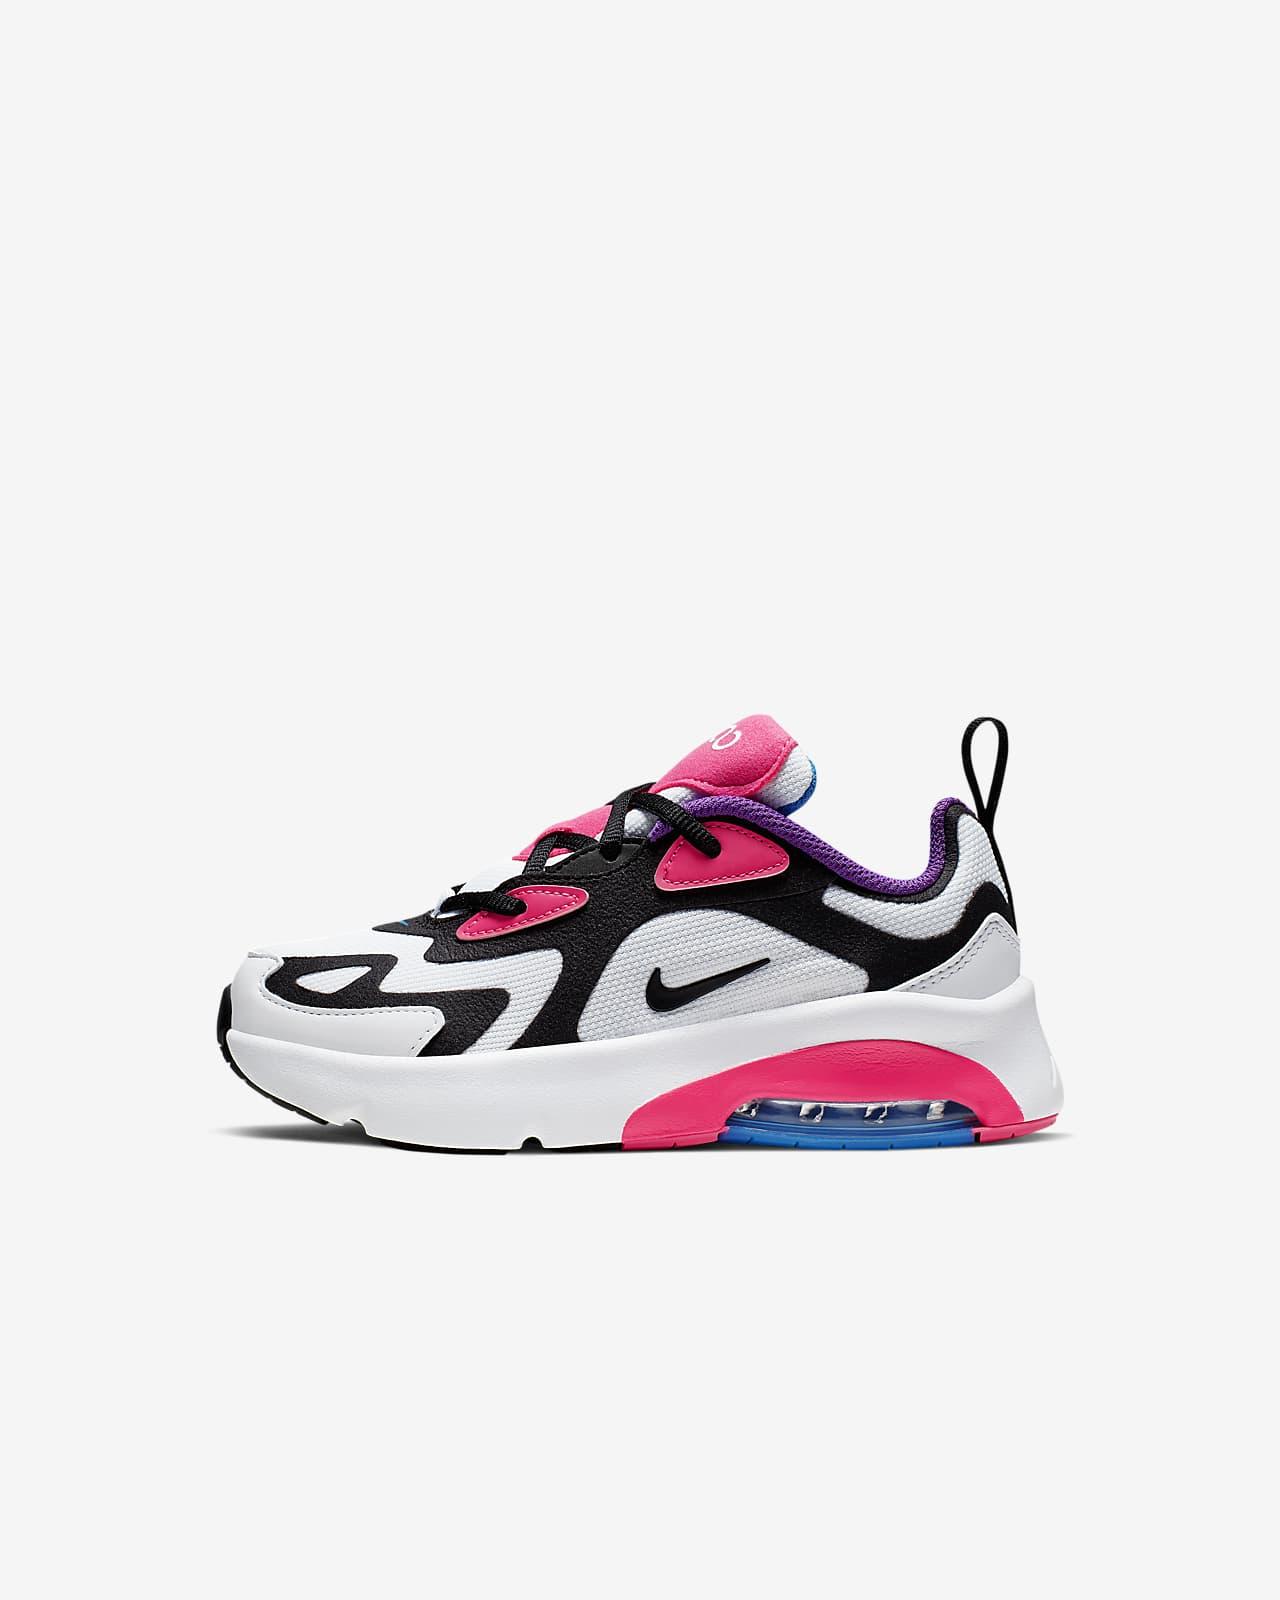 scarpe ginnastica nike air max bambino